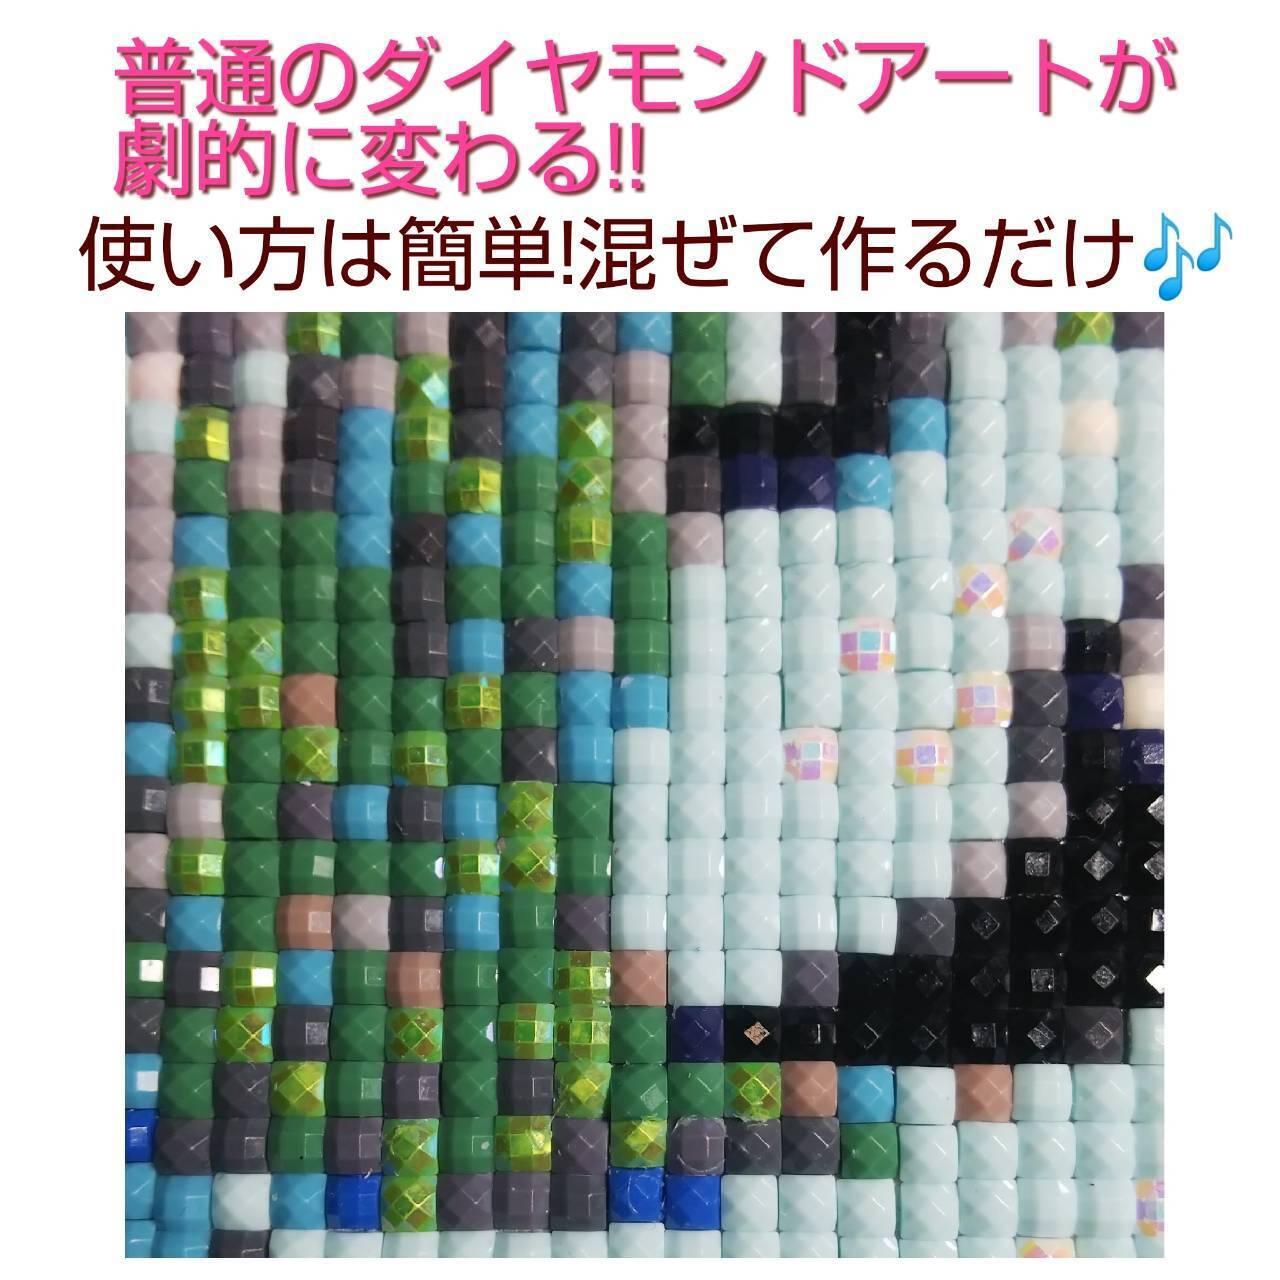 色紙サイズ(242×273mm) 四角ビーズ【s11392】フルダイヤモンドアート✨アレンジビーズ可✨